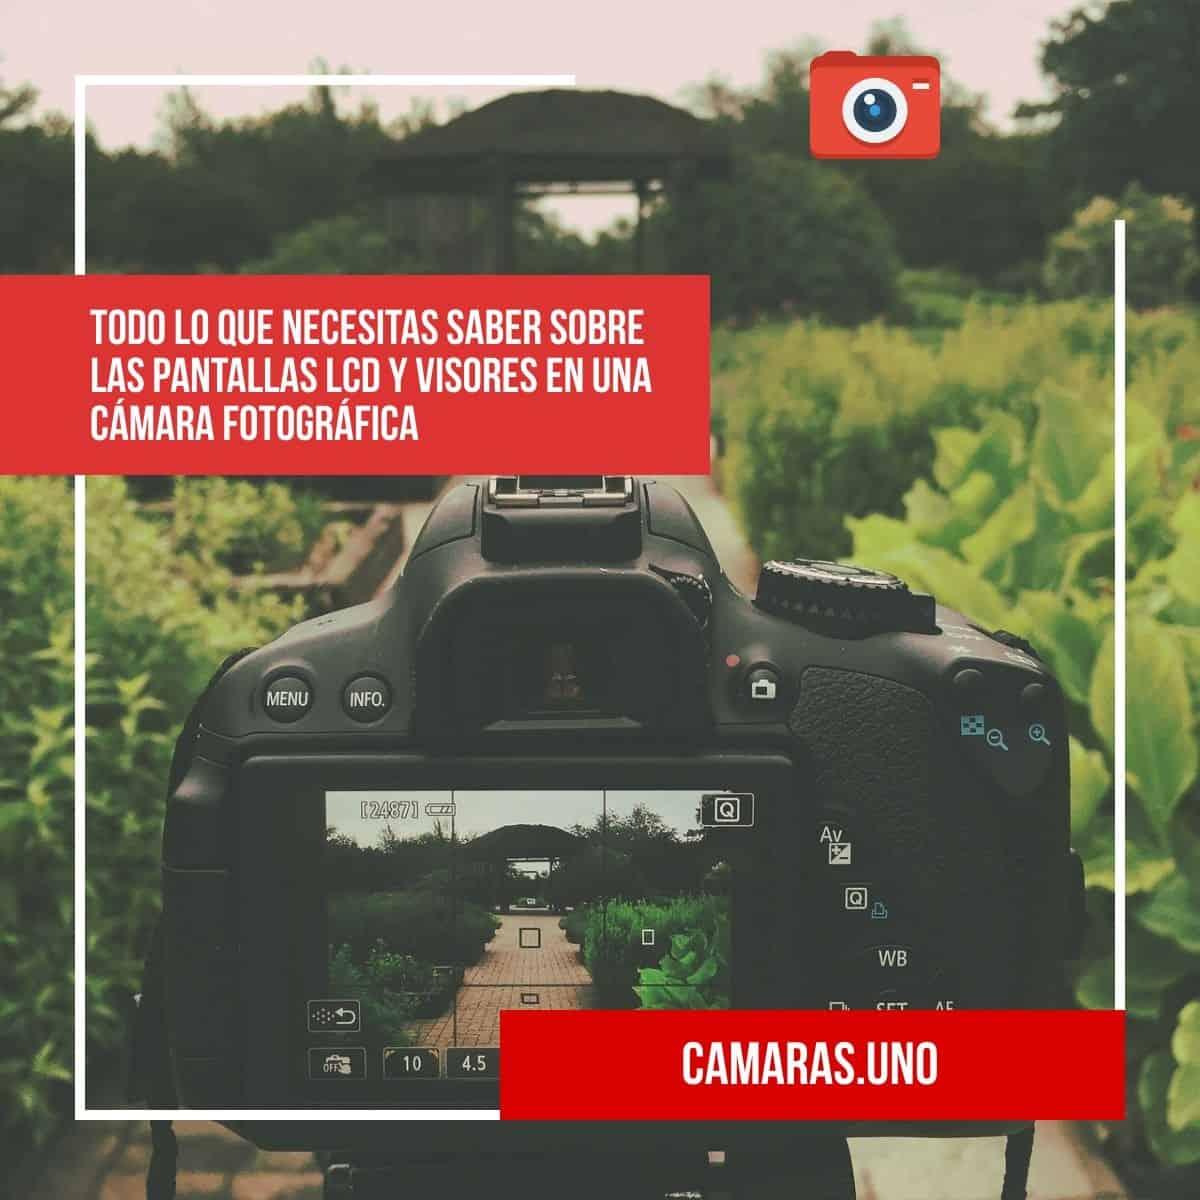 Todo lo que necesitas saber sobre las pantallas LCD y visores en una cámara fotográfica